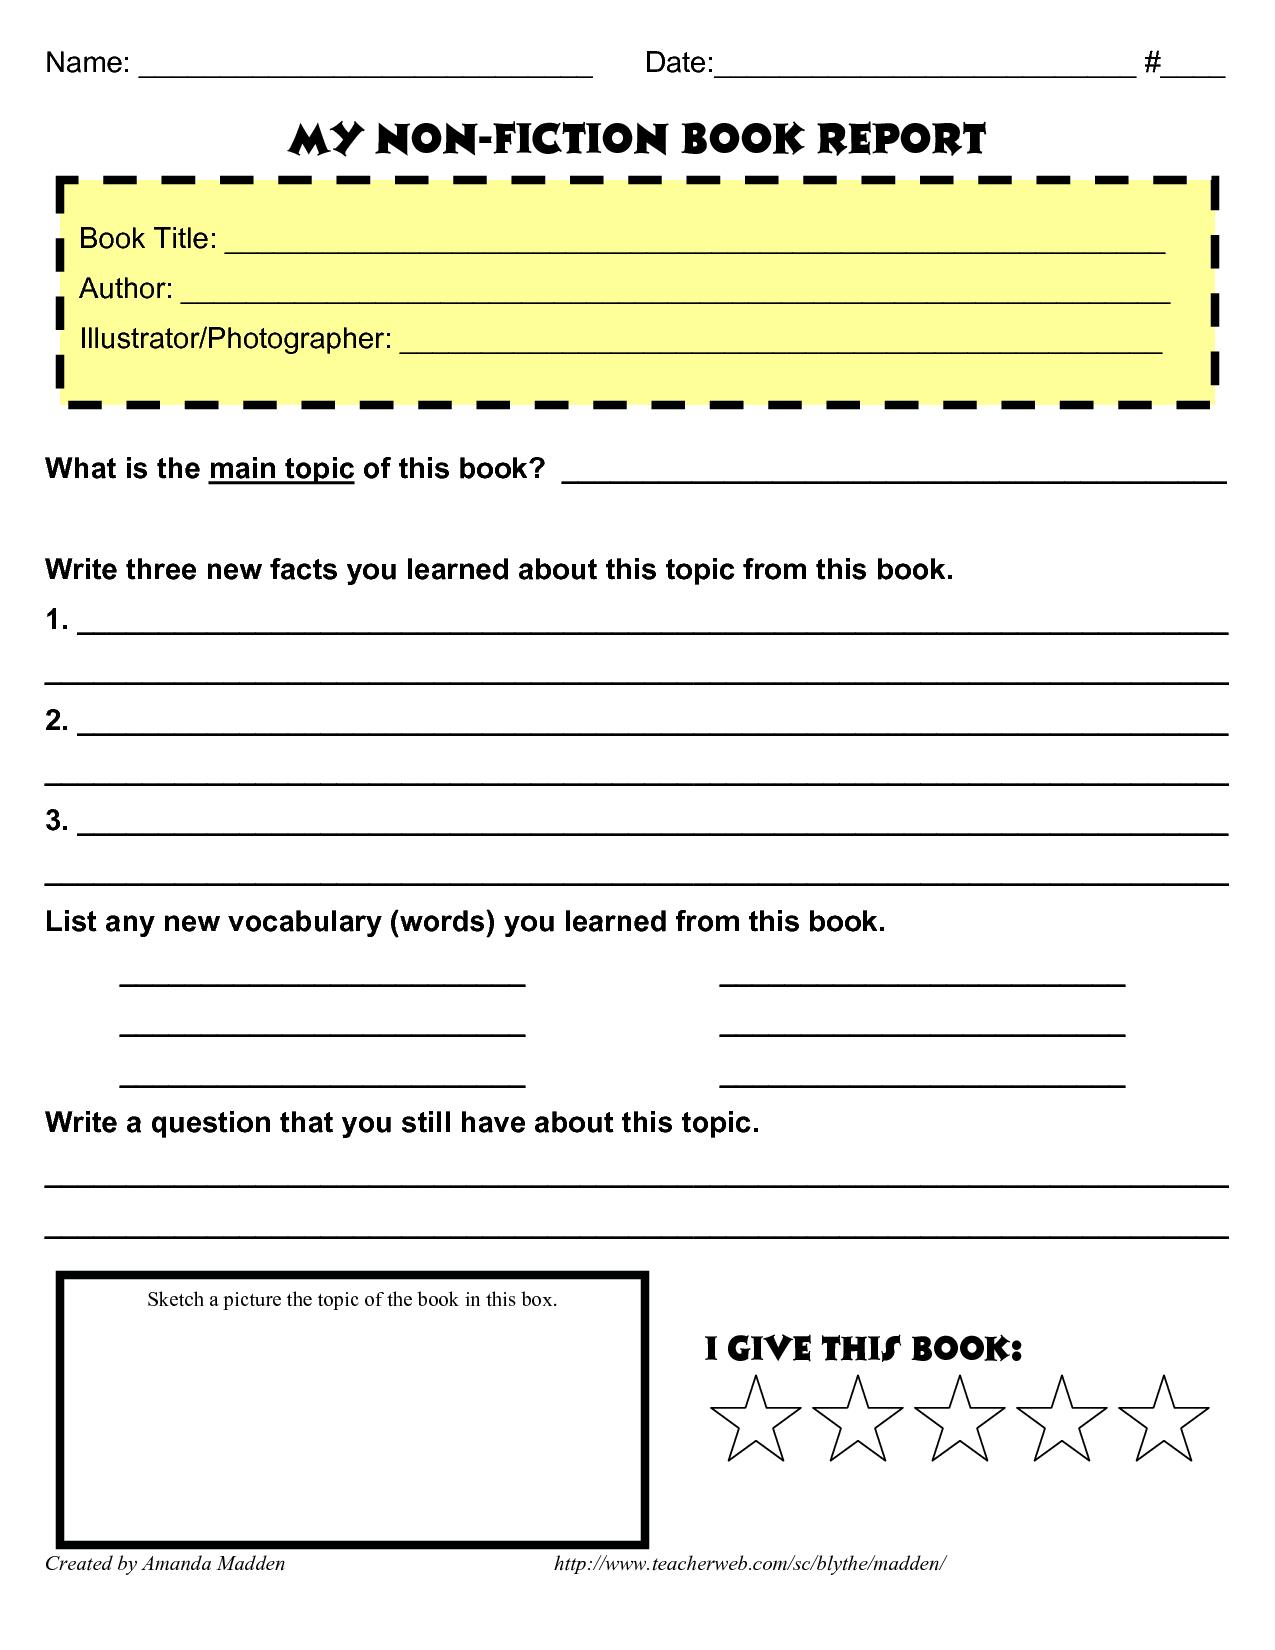 Grade 4 Book Report Template Non Fiction   Book Report Regarding Nonfiction Book Report Template